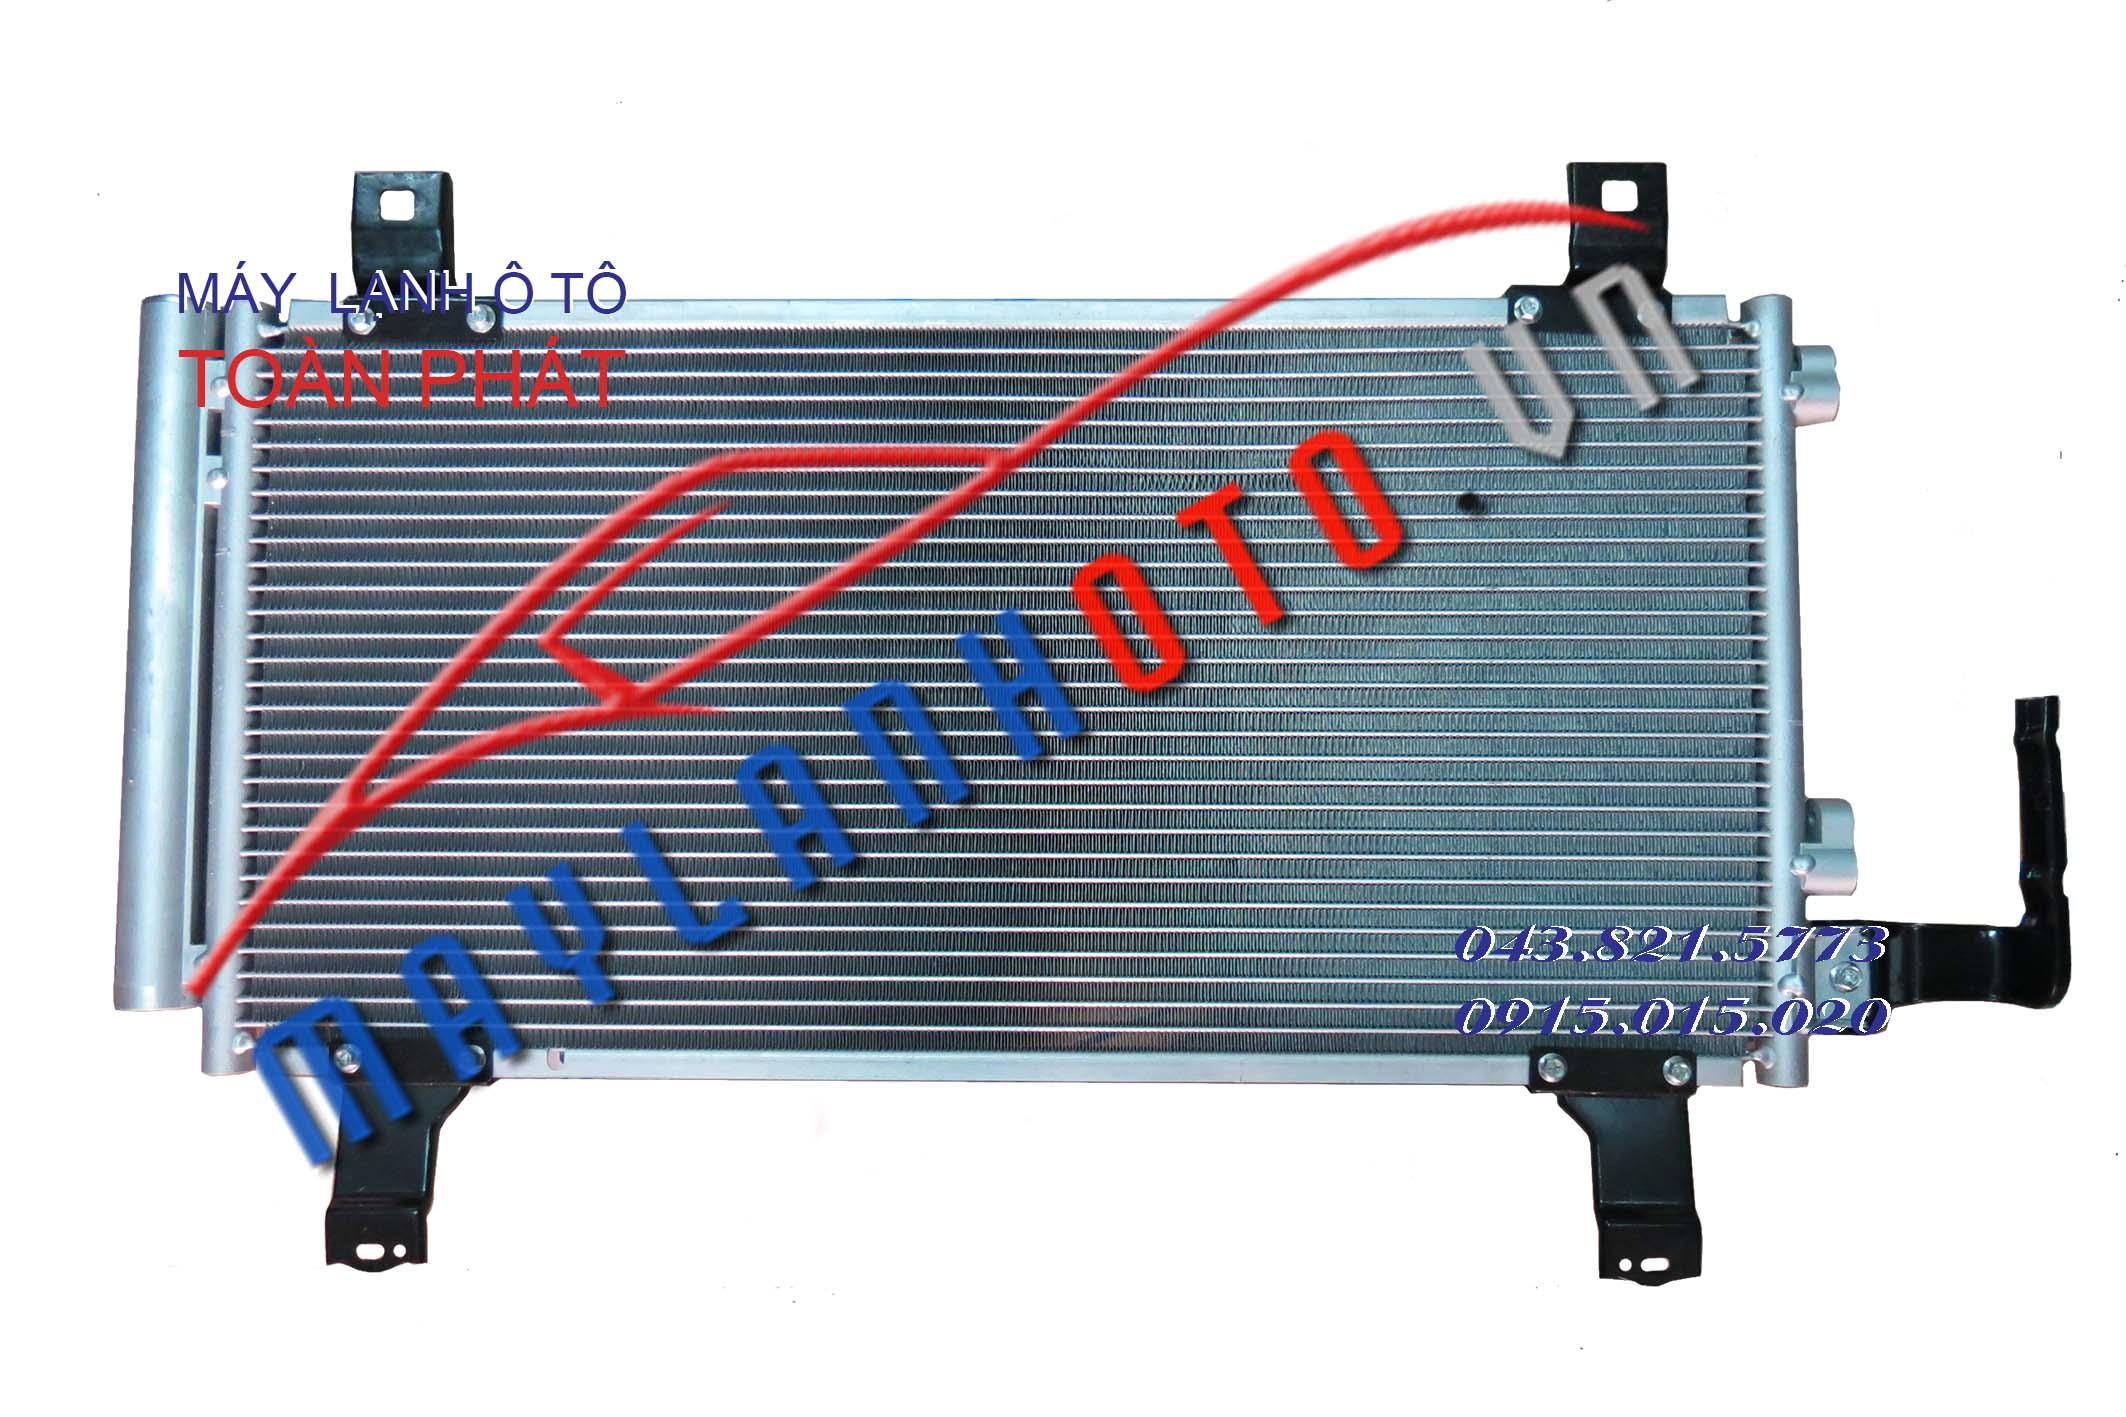 6 - 2003 / Giàn nóng điều hòa Mazda 6-2003 / Dàn nóng điều hòa Mazda 6-2003